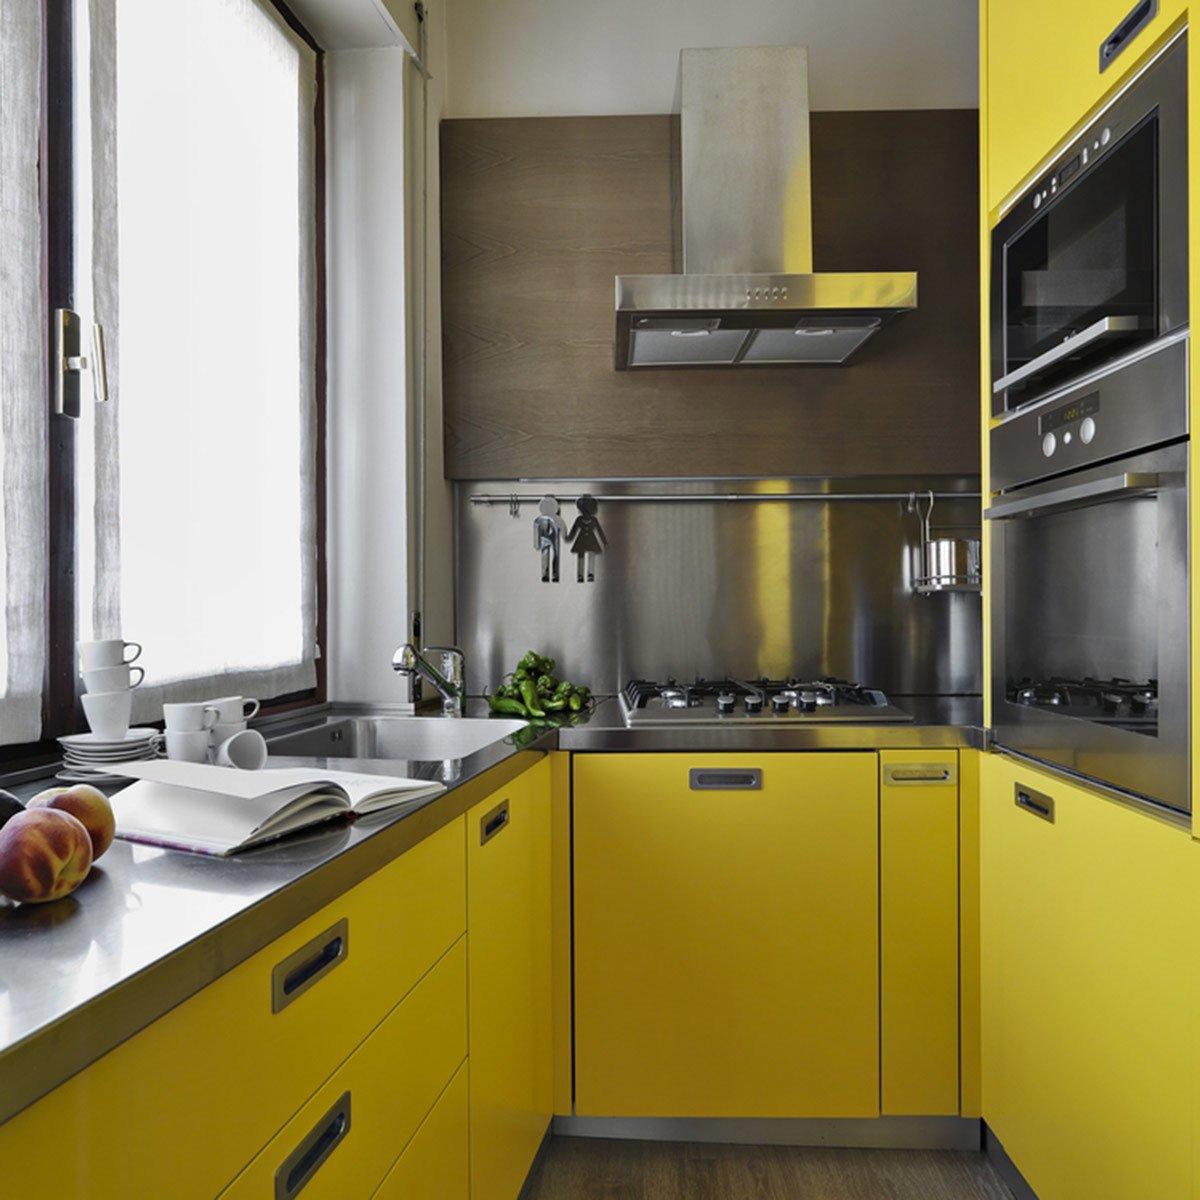 pintu kabinet dapur geser warna kuning manis dengan desain dapur minimalis